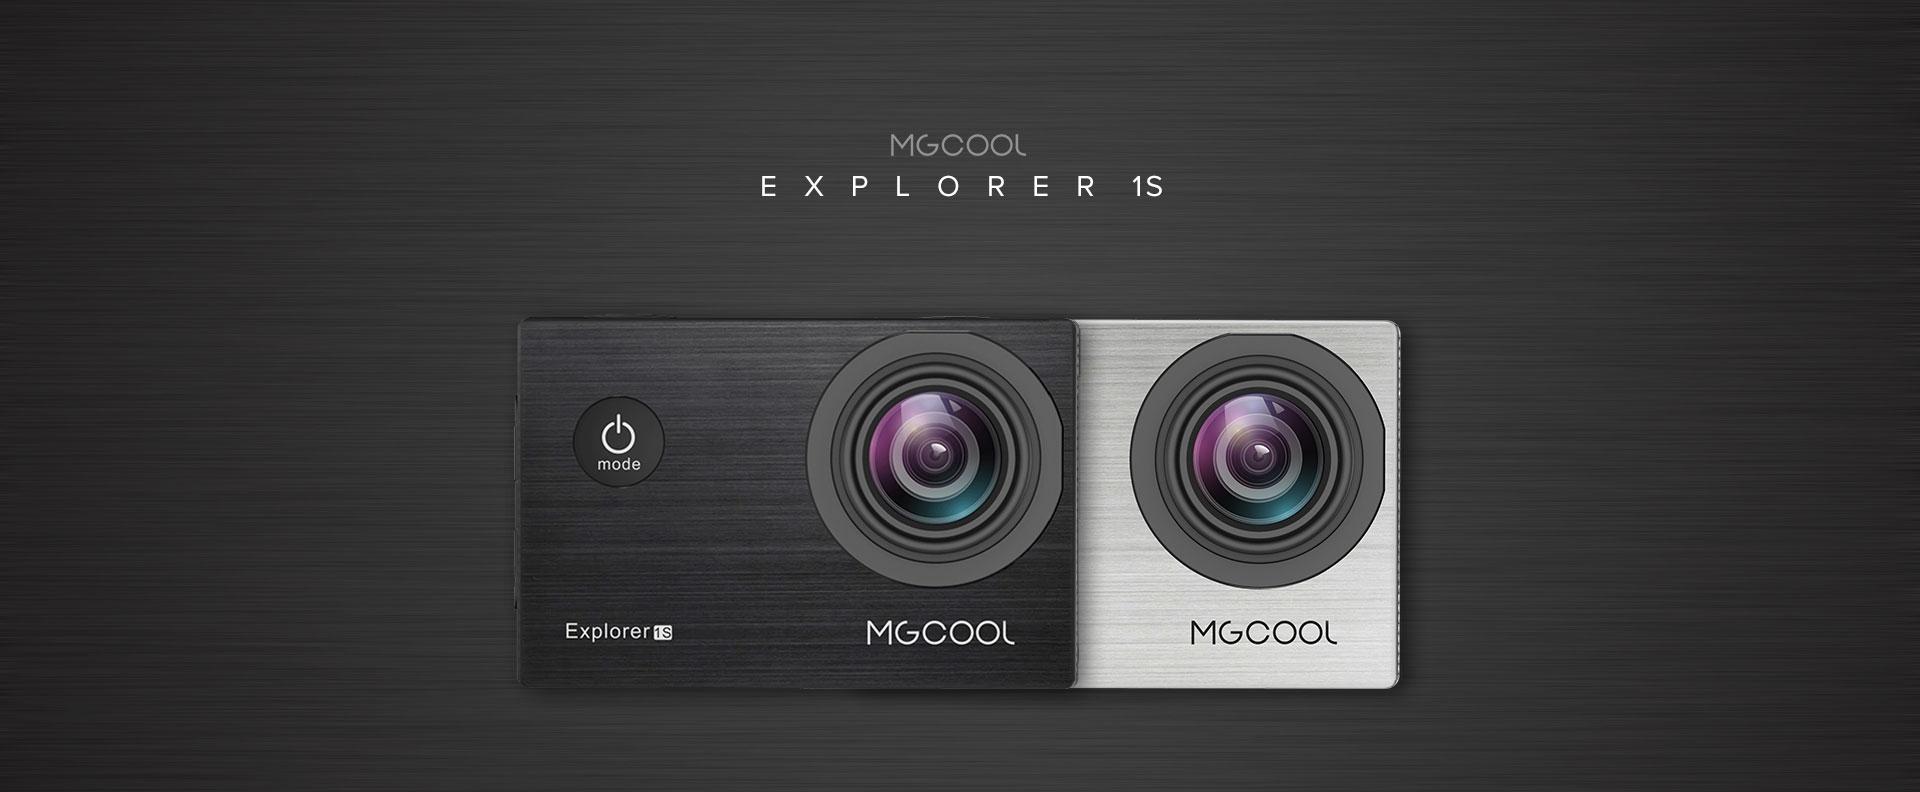 fotografo-avalia-desempenho-da-explorer-1s-a-camera-de-acao-da-mgcool-eMania-03-07